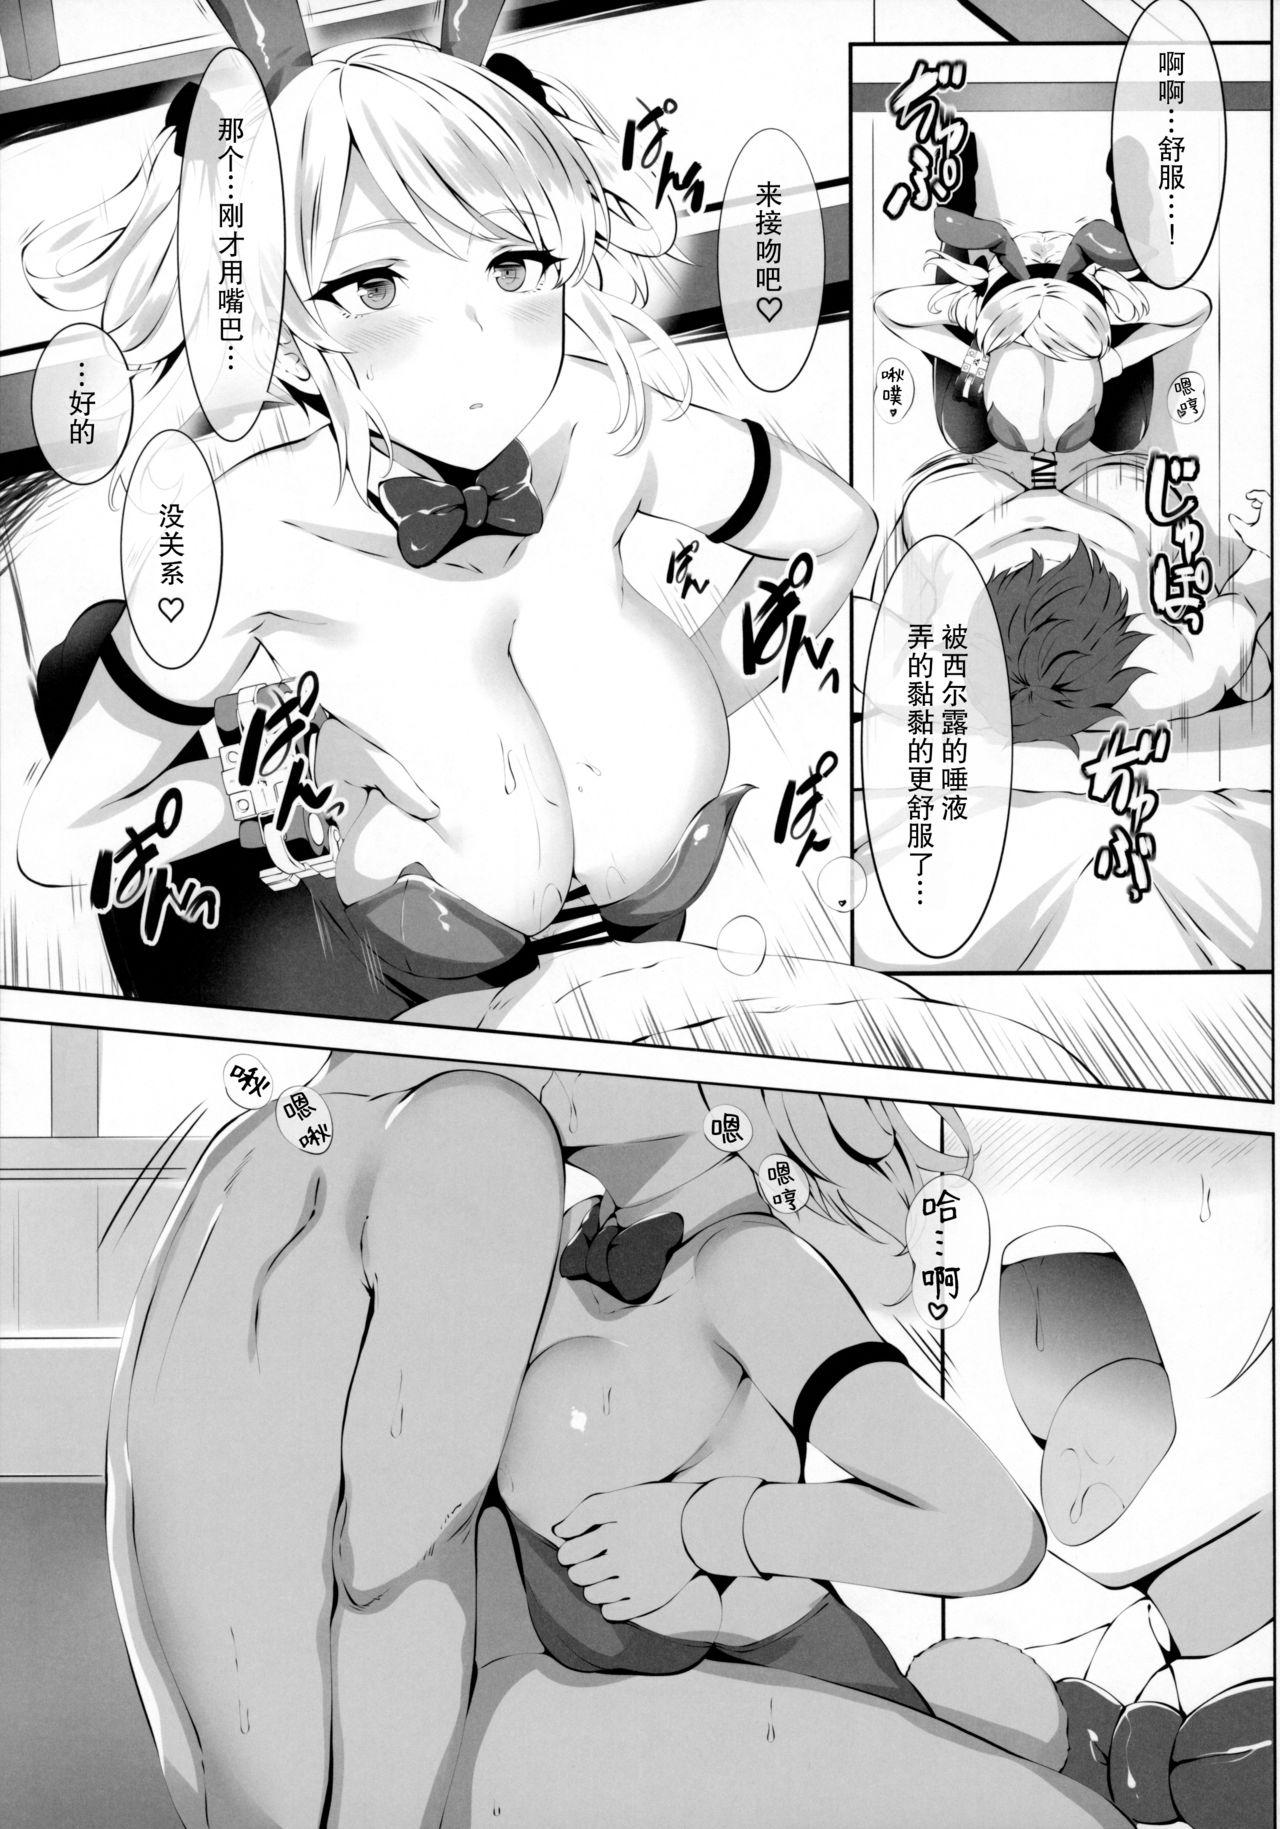 Ketsugou Hasshadan 6